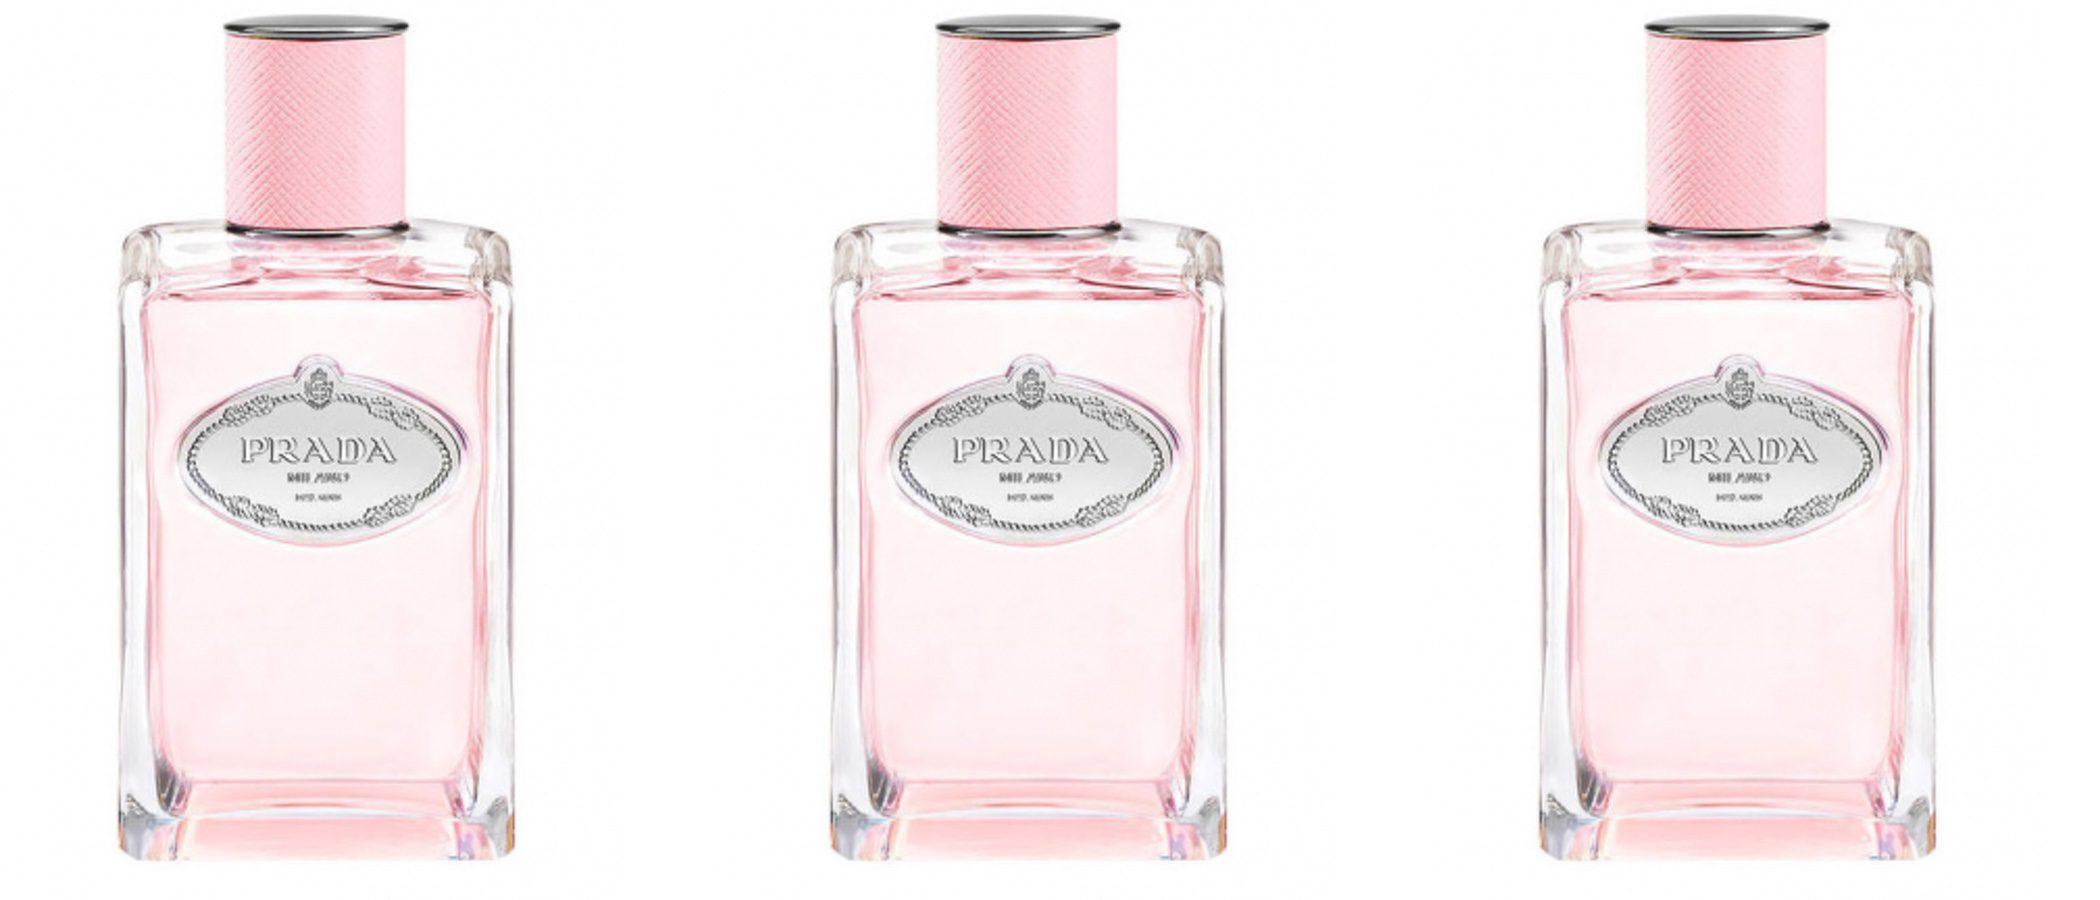 Prada lanza 'Infusion de Rose', un perfume con la esencia de las mejores rosas